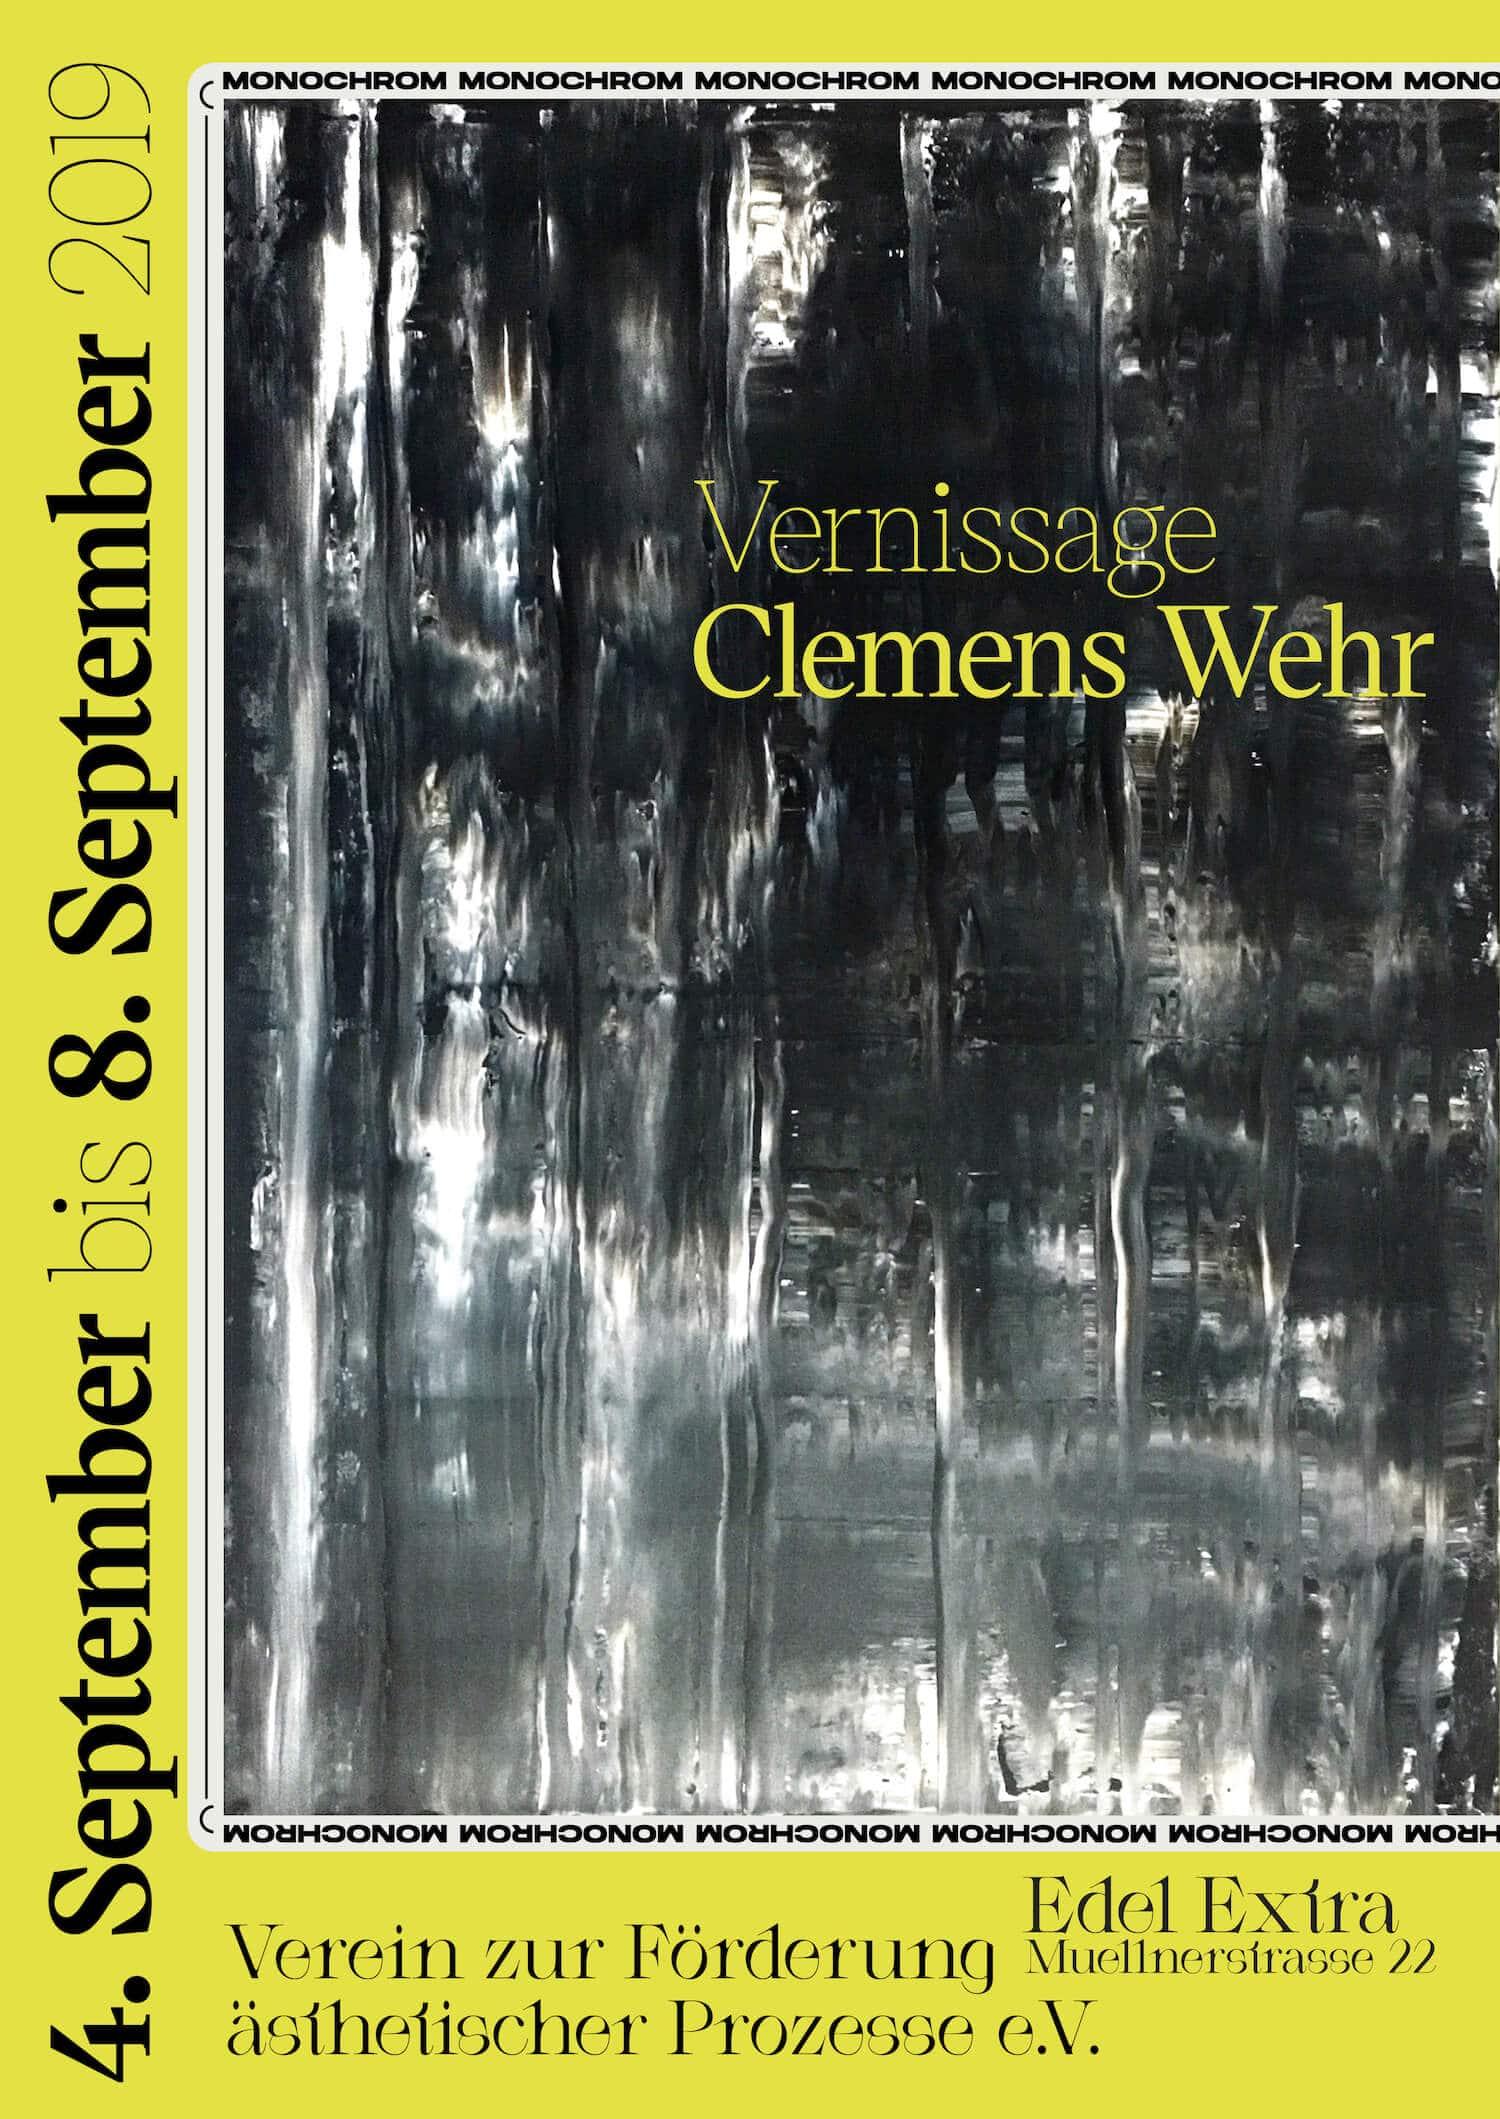 Clemens Wehr: Monochrom, 2019